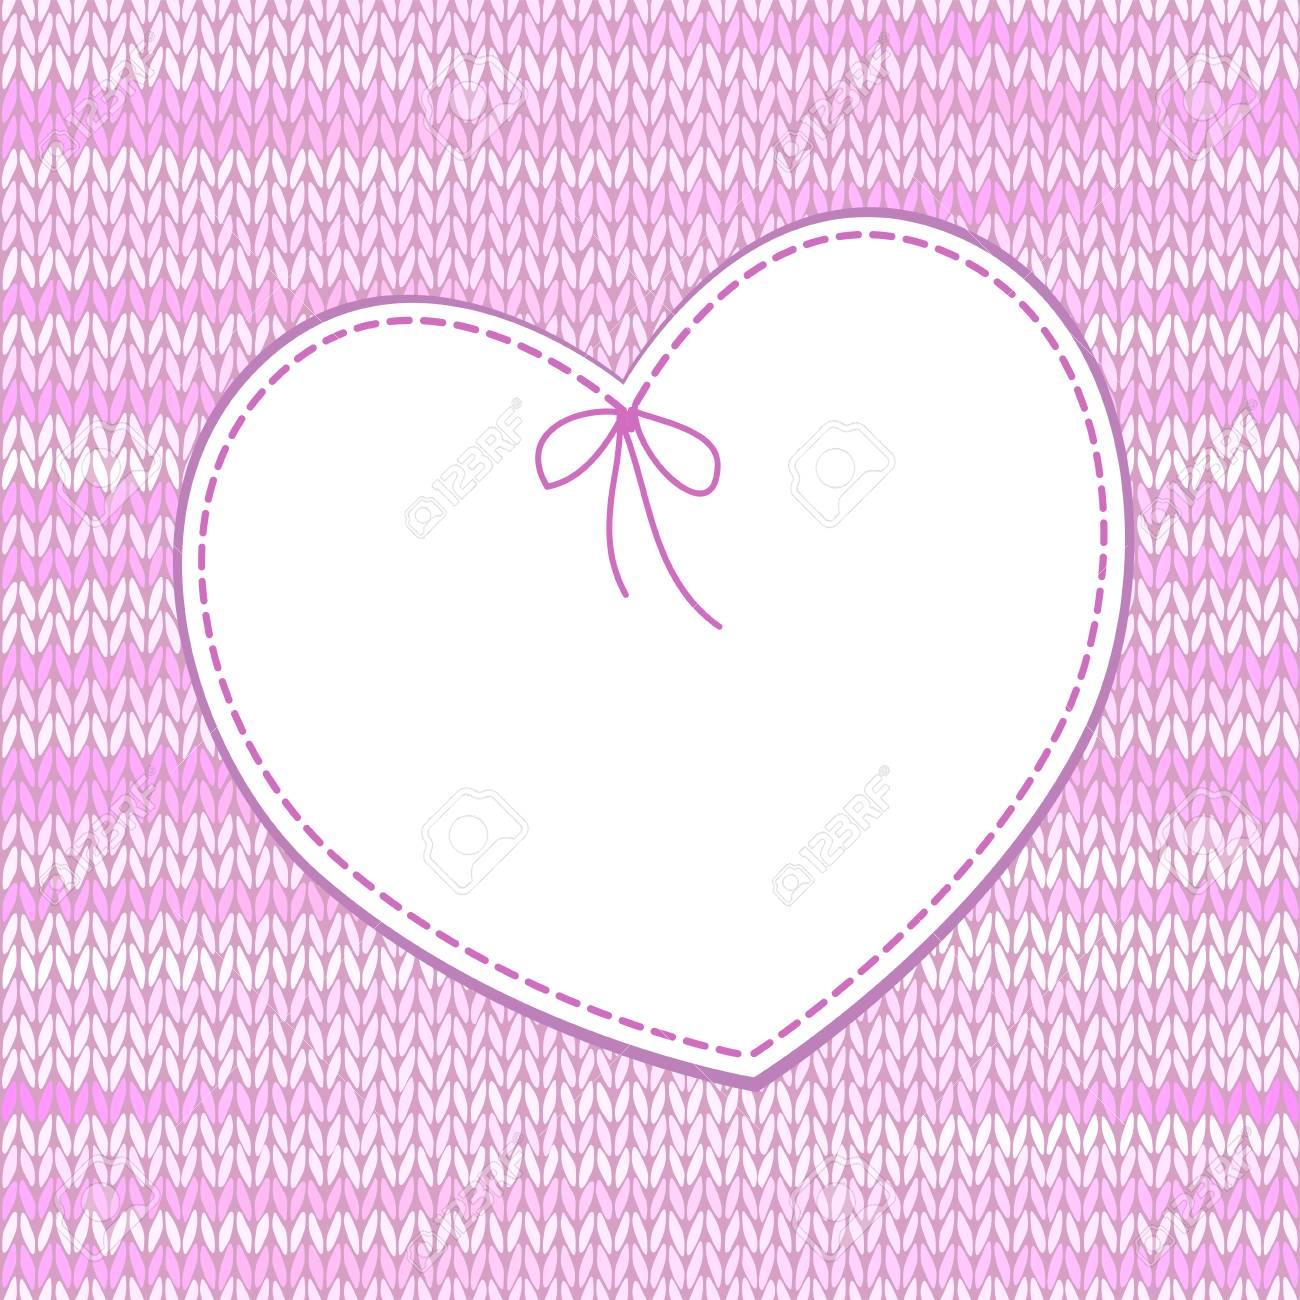 Diseño En Forma De Corazón Con El Patrón De Punto Ilustraciones ...